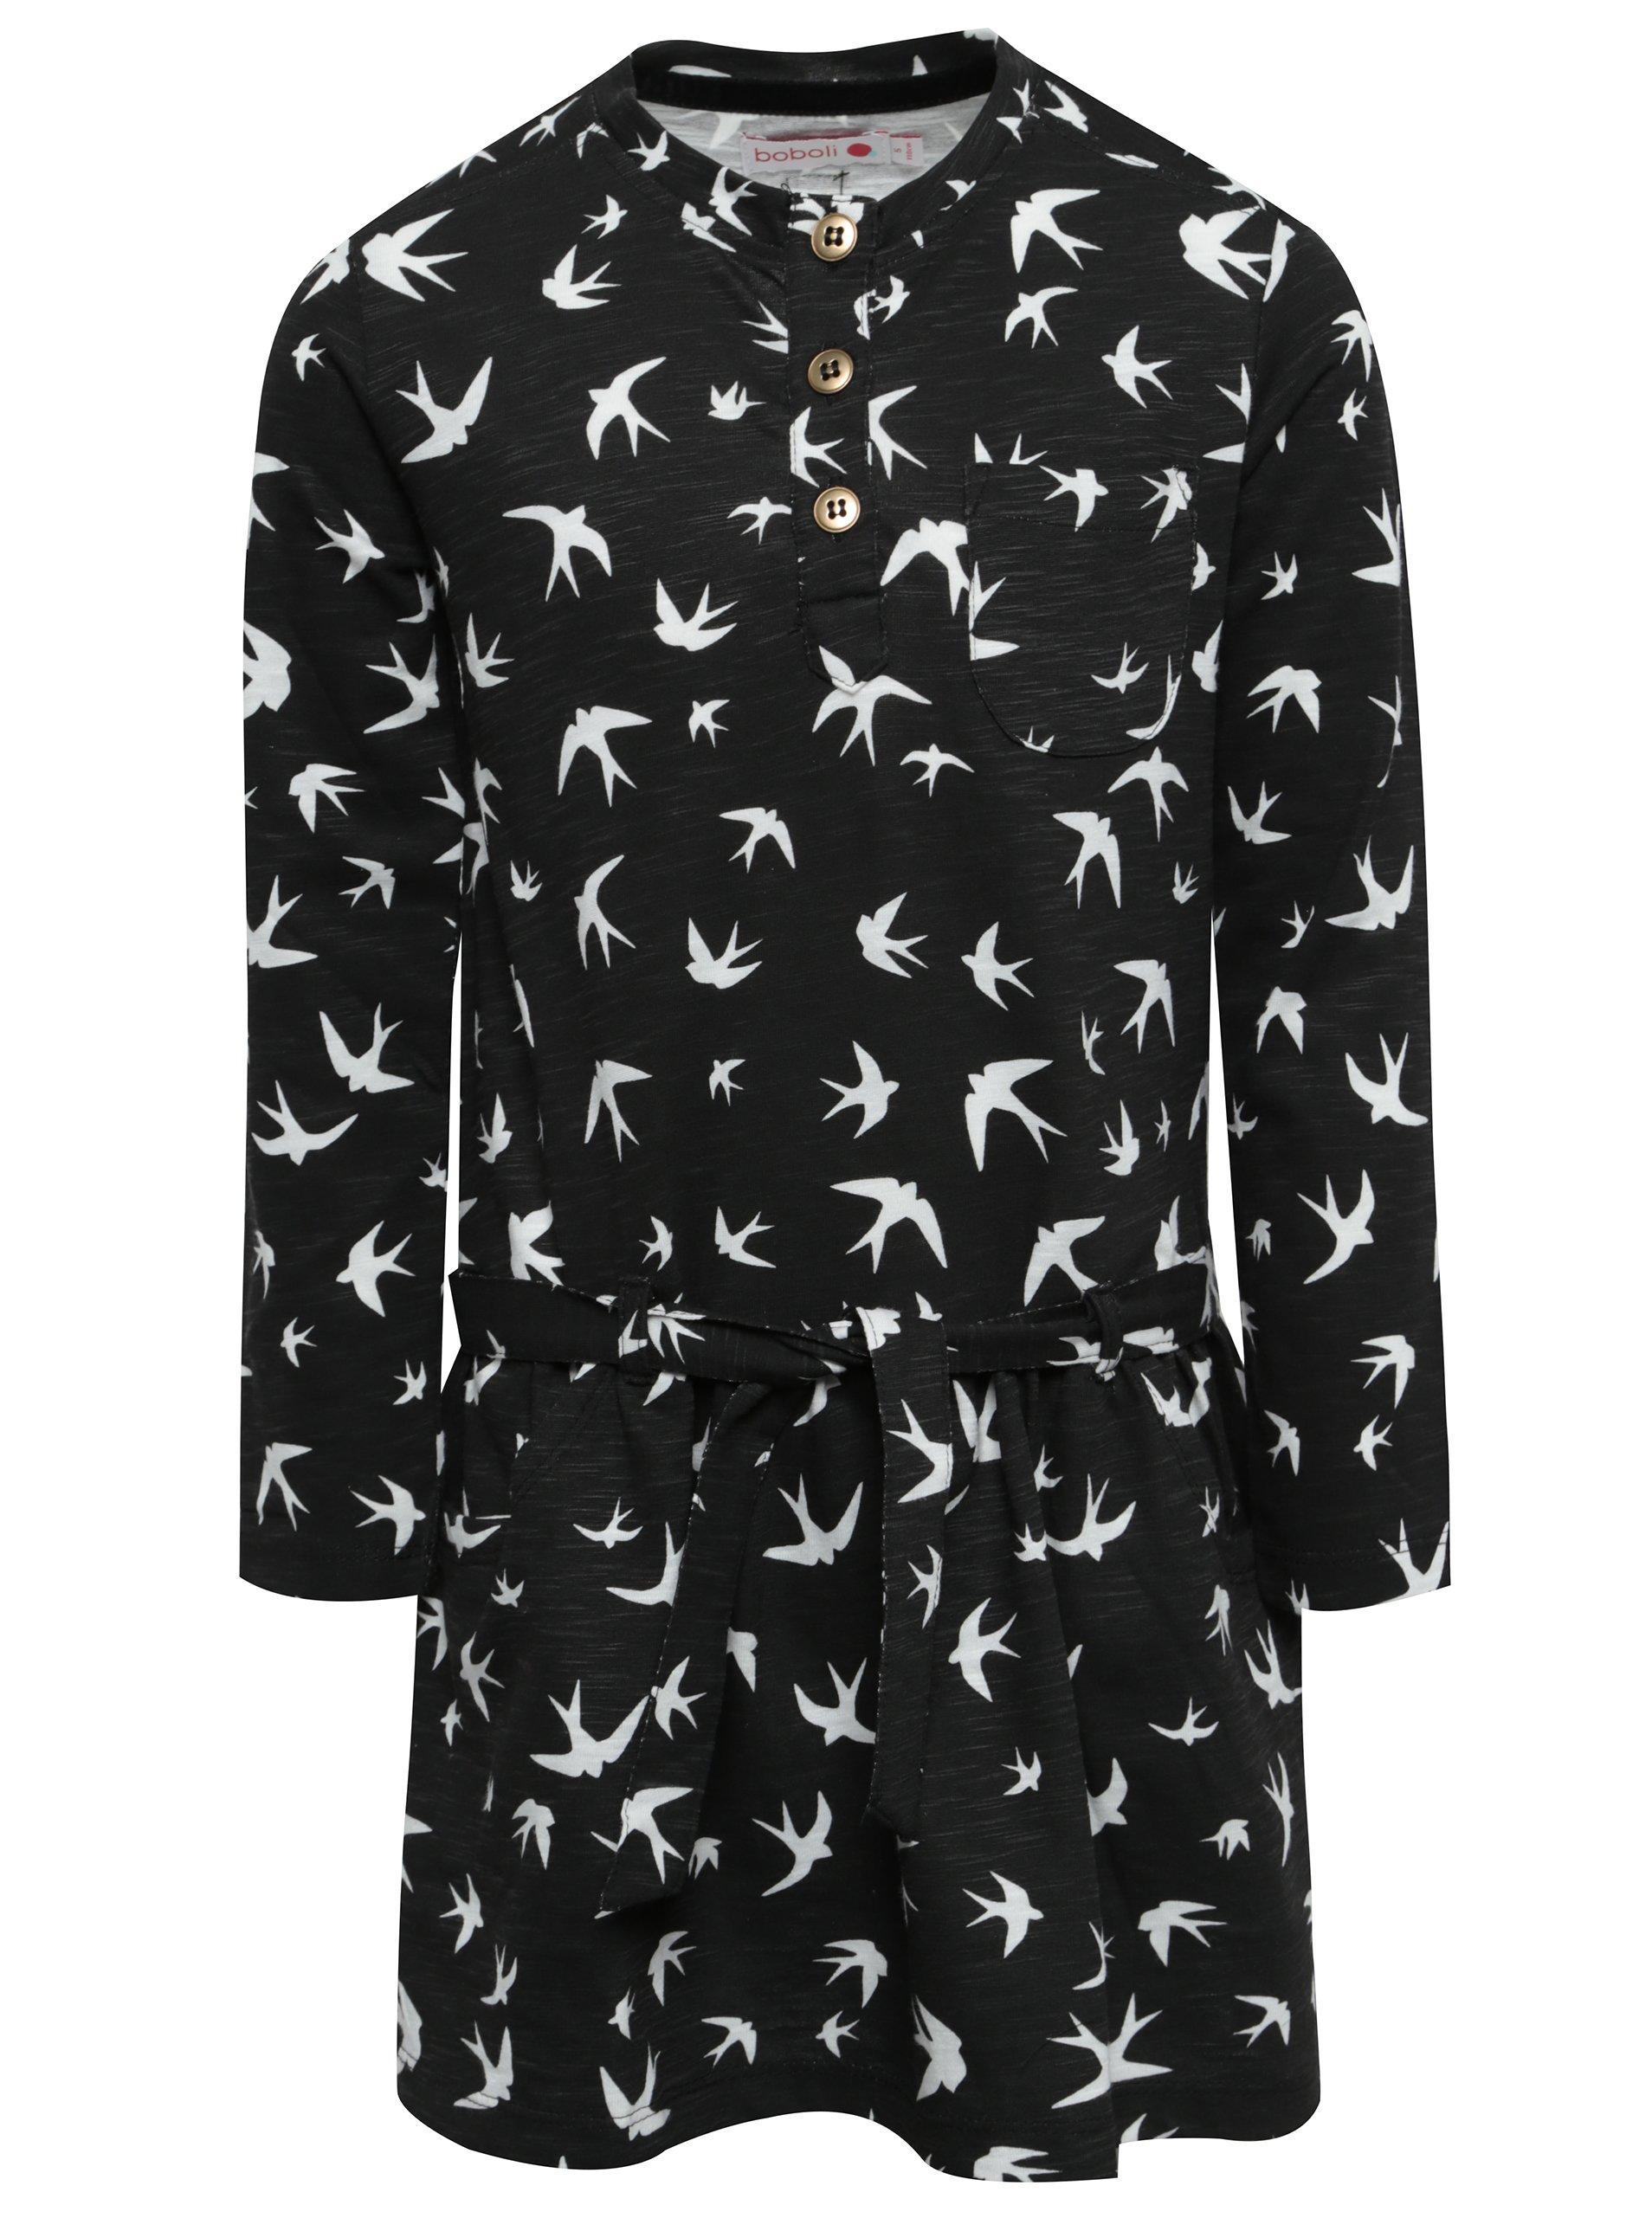 Černé holčičí šaty s páskem a motivem ptáčků BÓBOLI